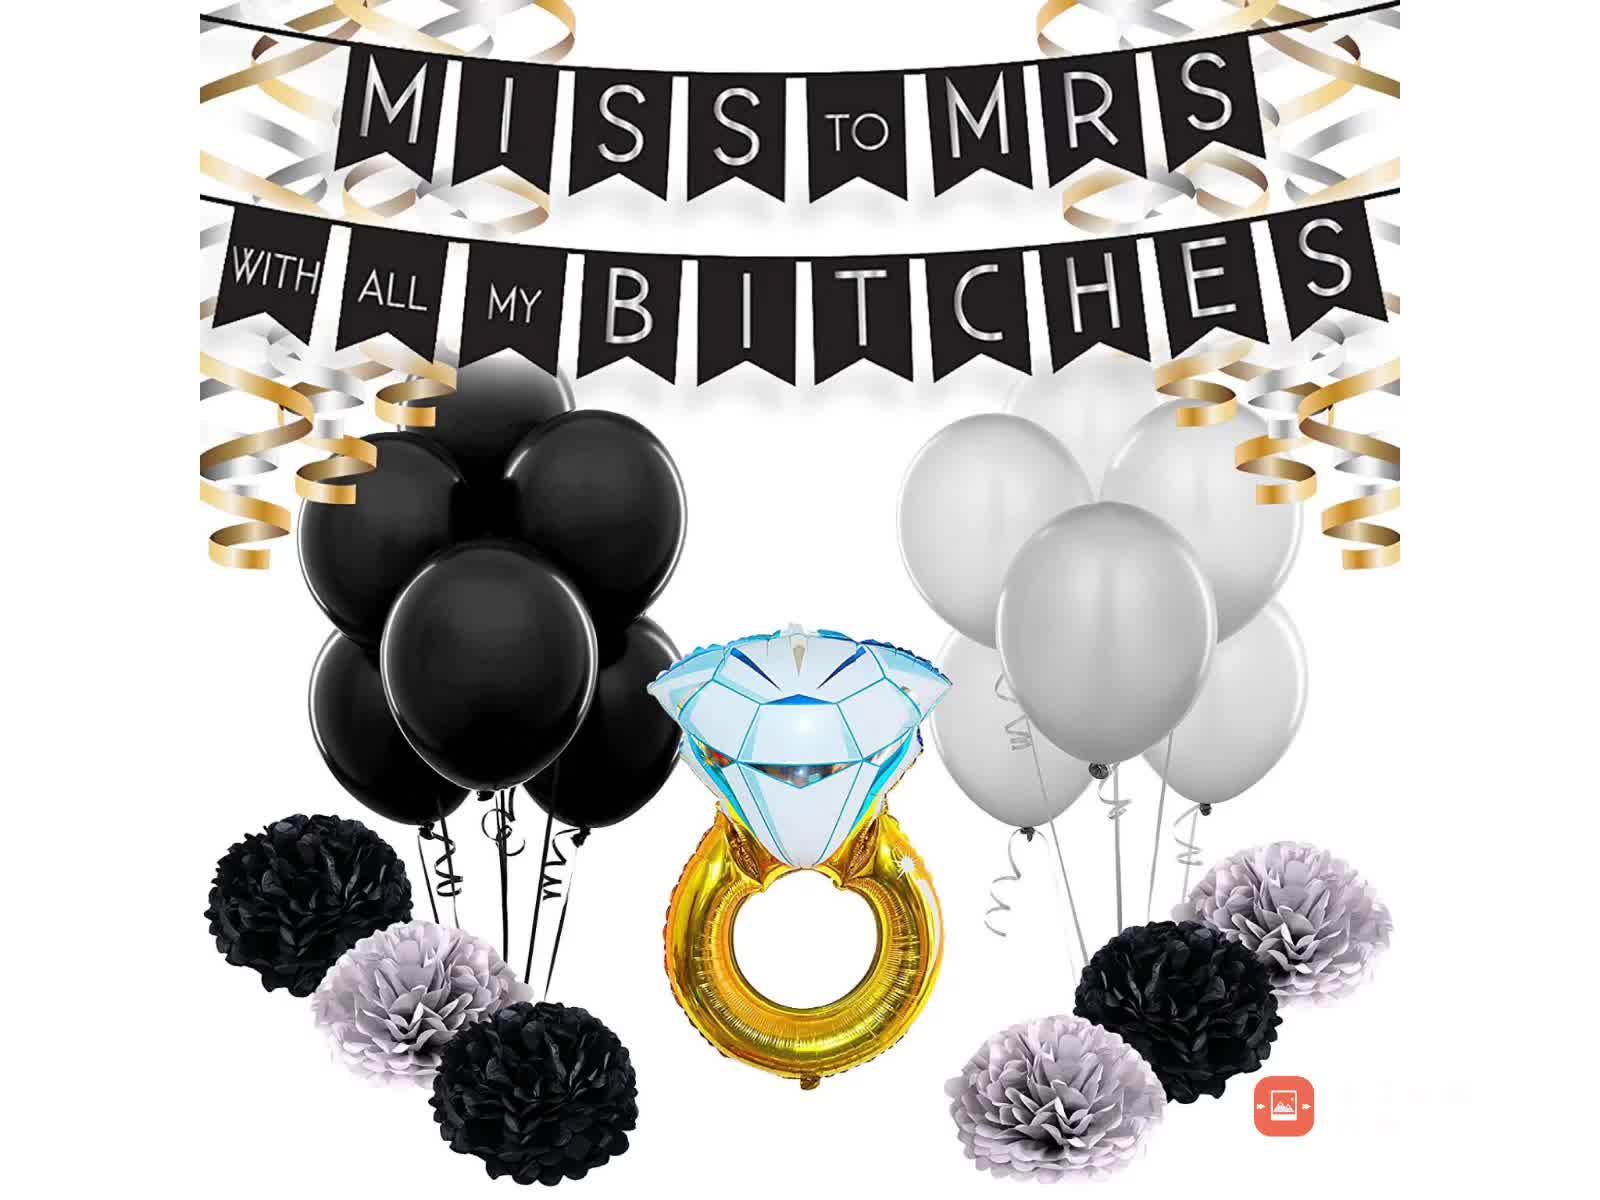 Девичник украшения набор помолвка свадебный душ принадлежности комплект Miss to Mrs баннер завитки бумага Pom Poms черное золото